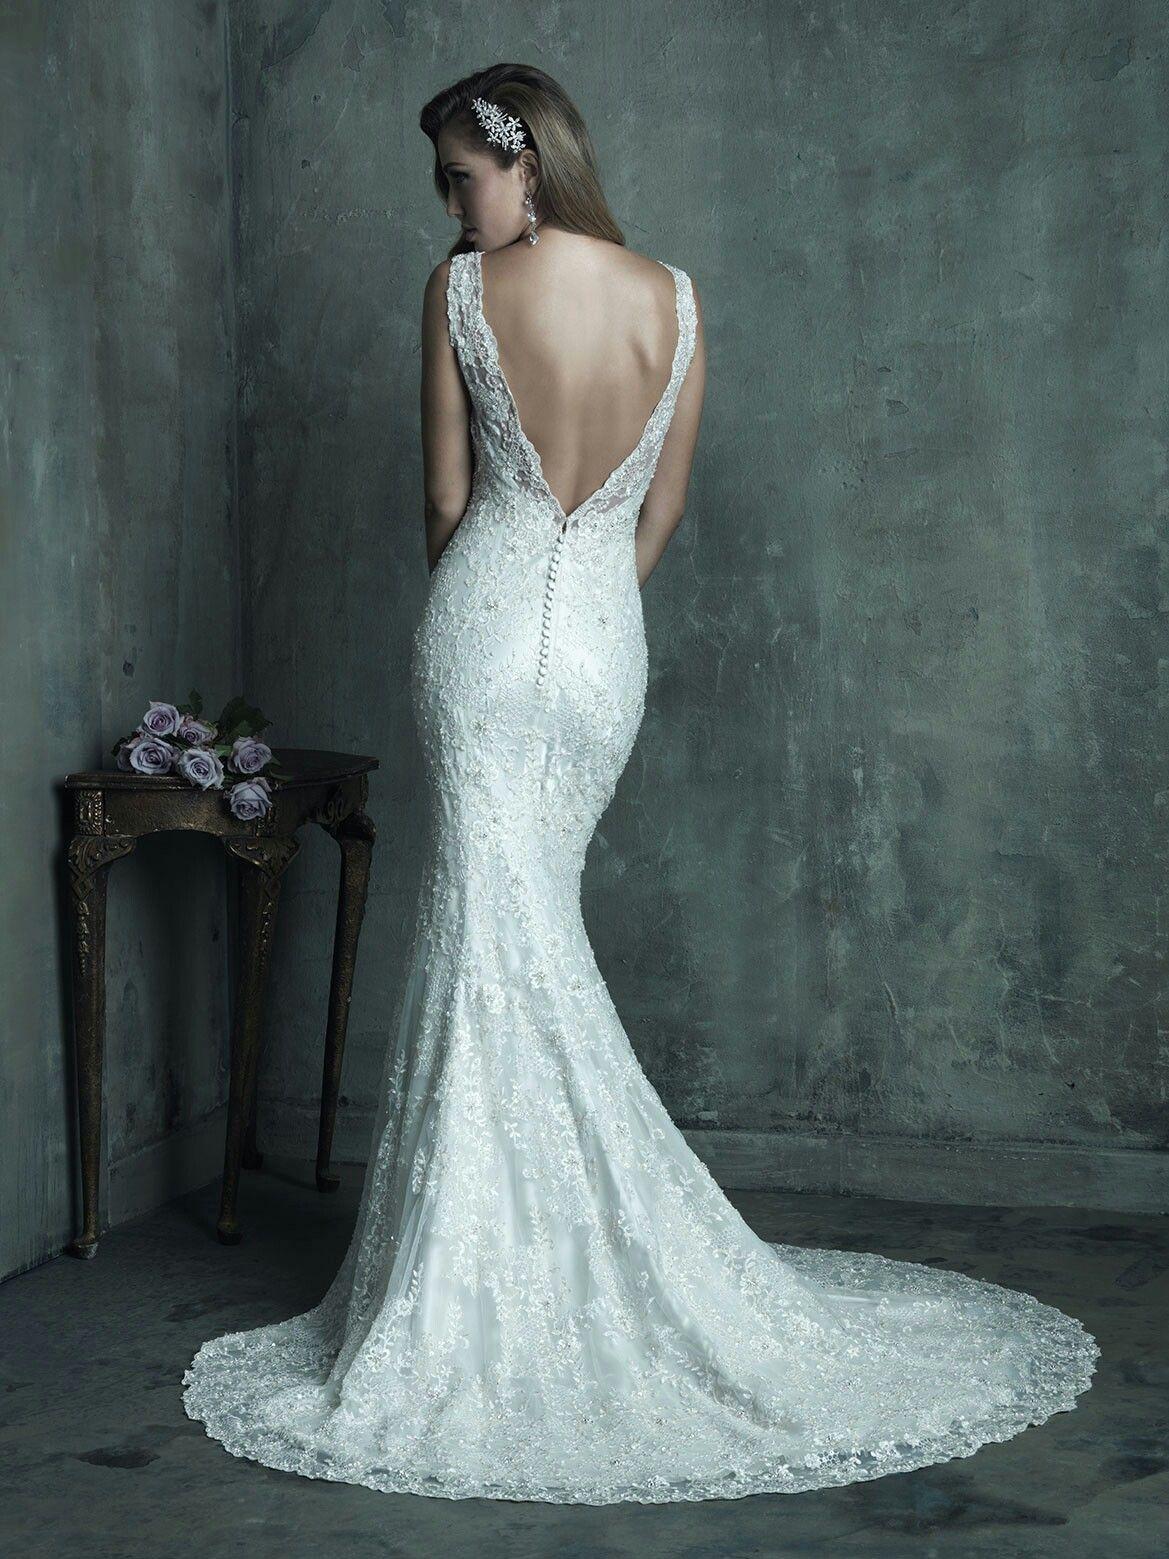 Pin von Melissa Geno auf Wedding Dresses/Tuxedos | Pinterest